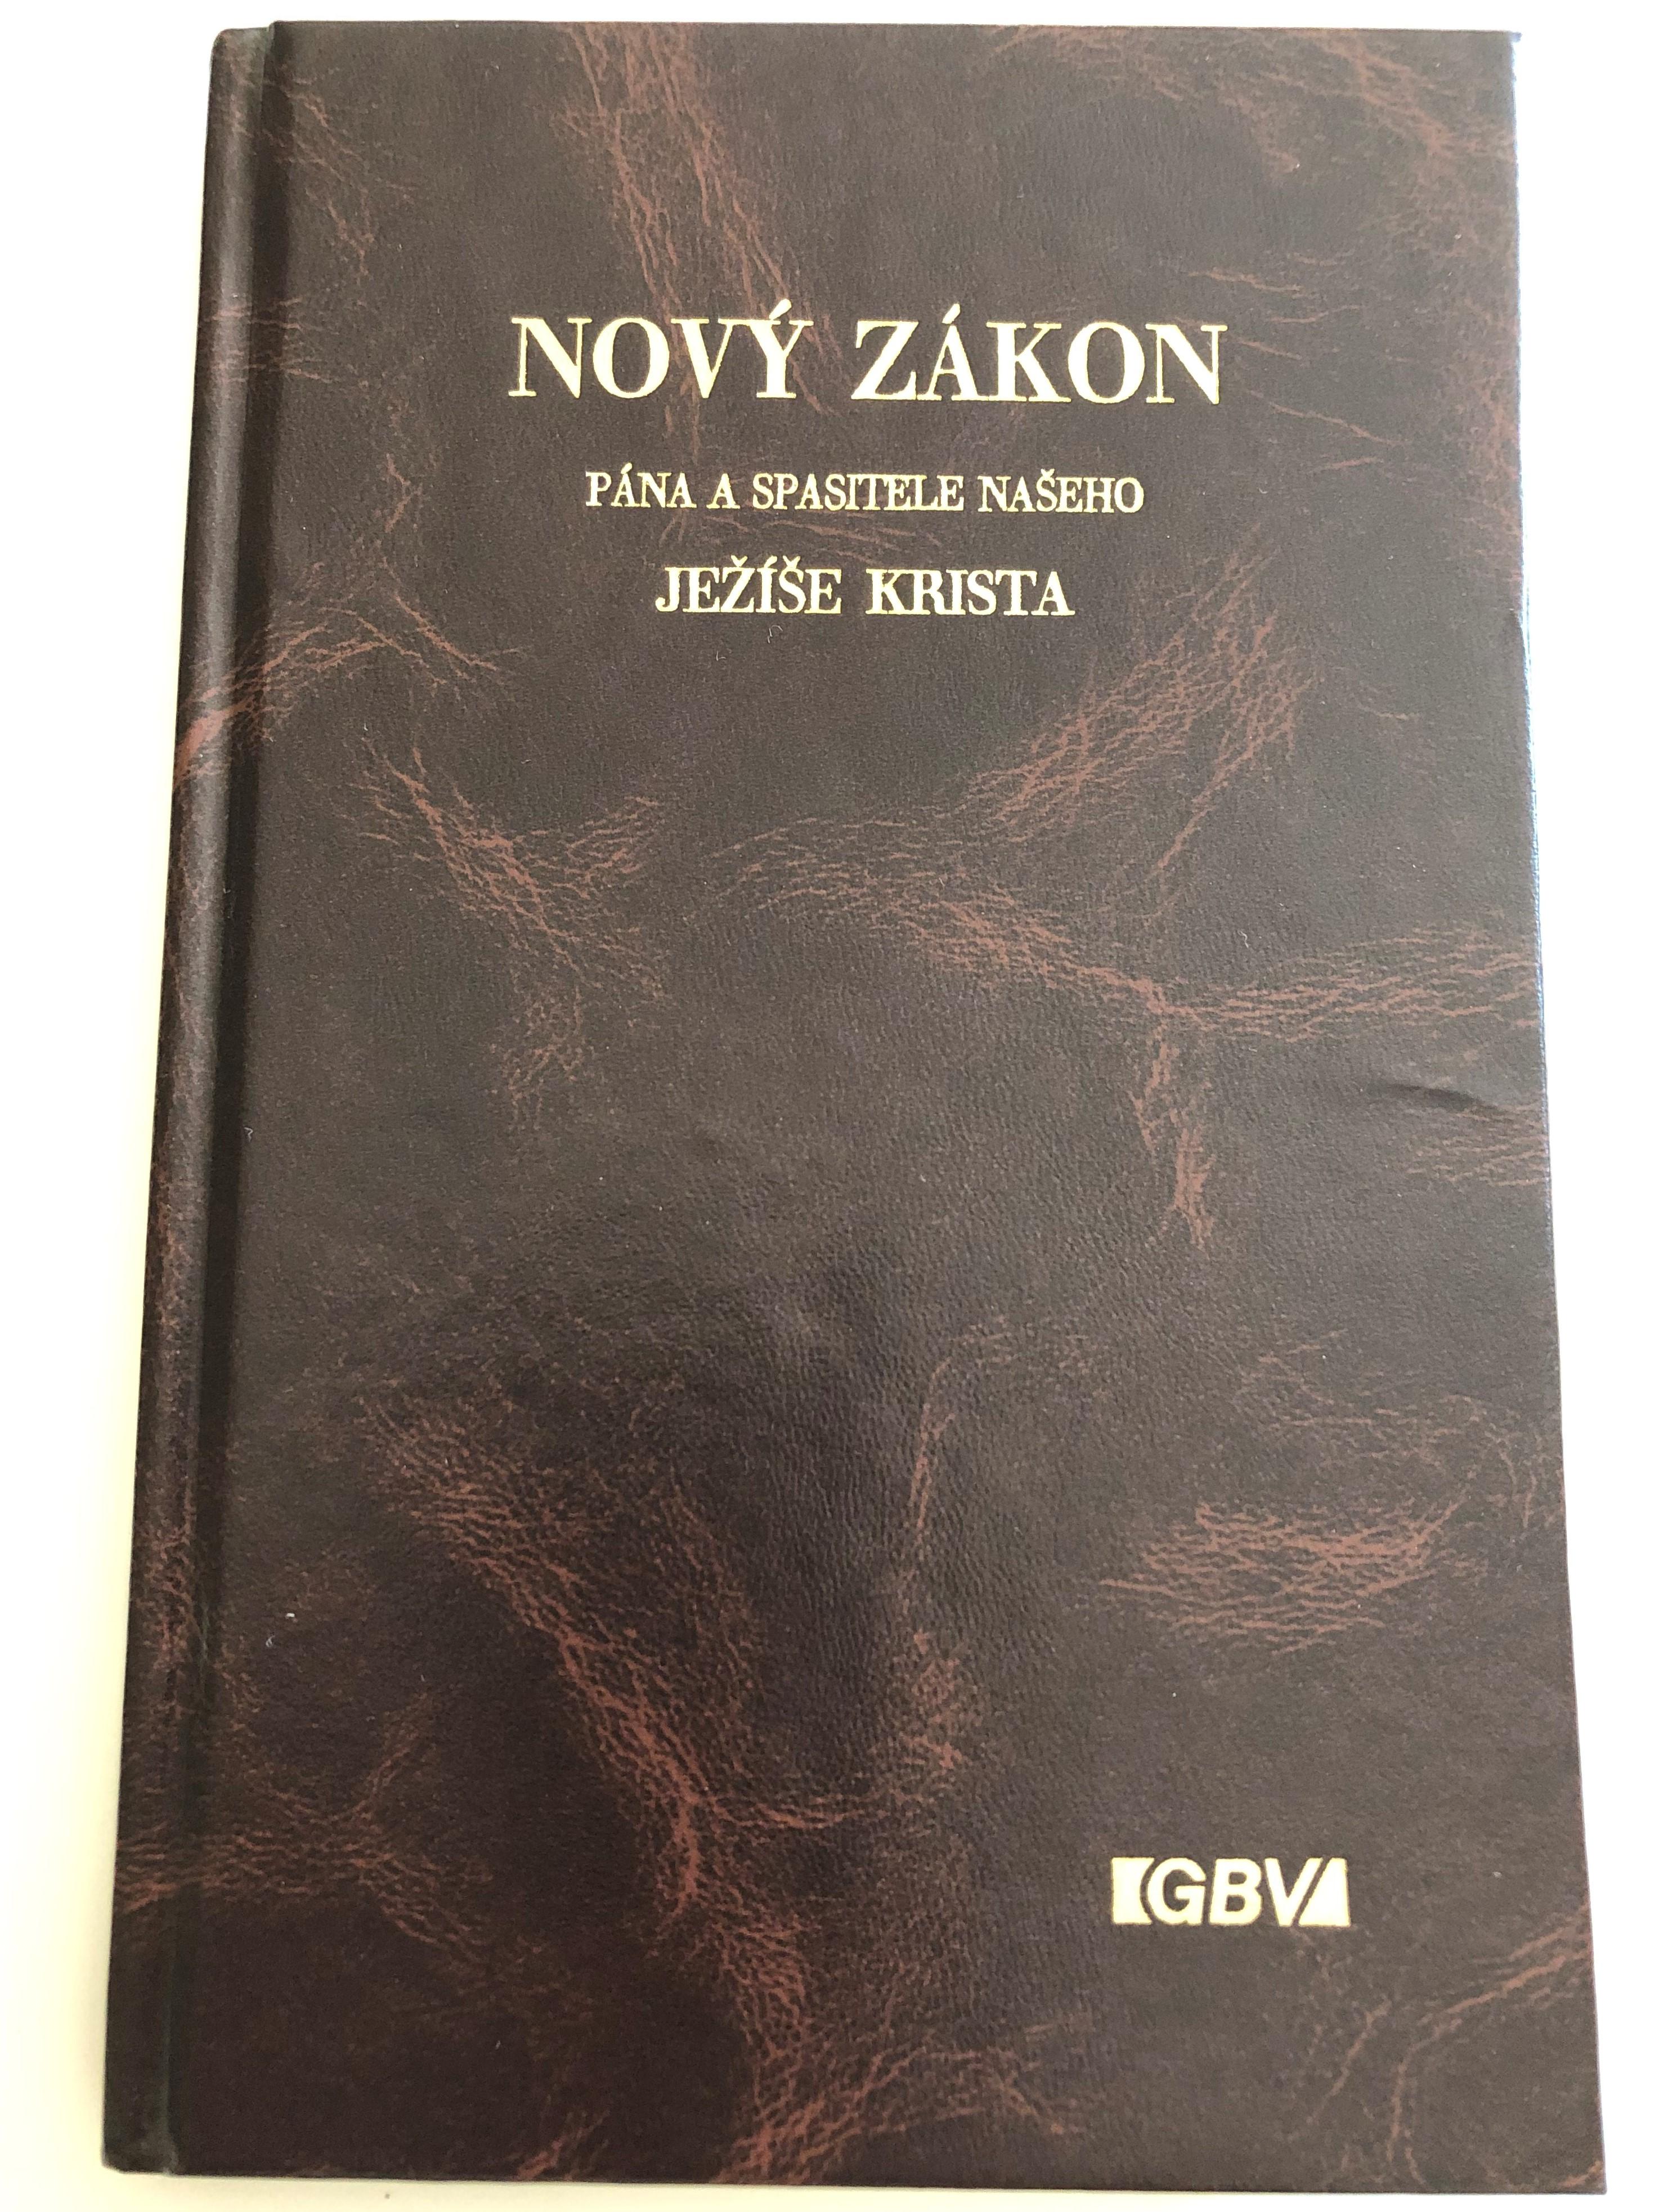 czech-new-testament-nov-z-kon-p-na-a-spasitele-na-eho-je-i-e-krista-1.jpg